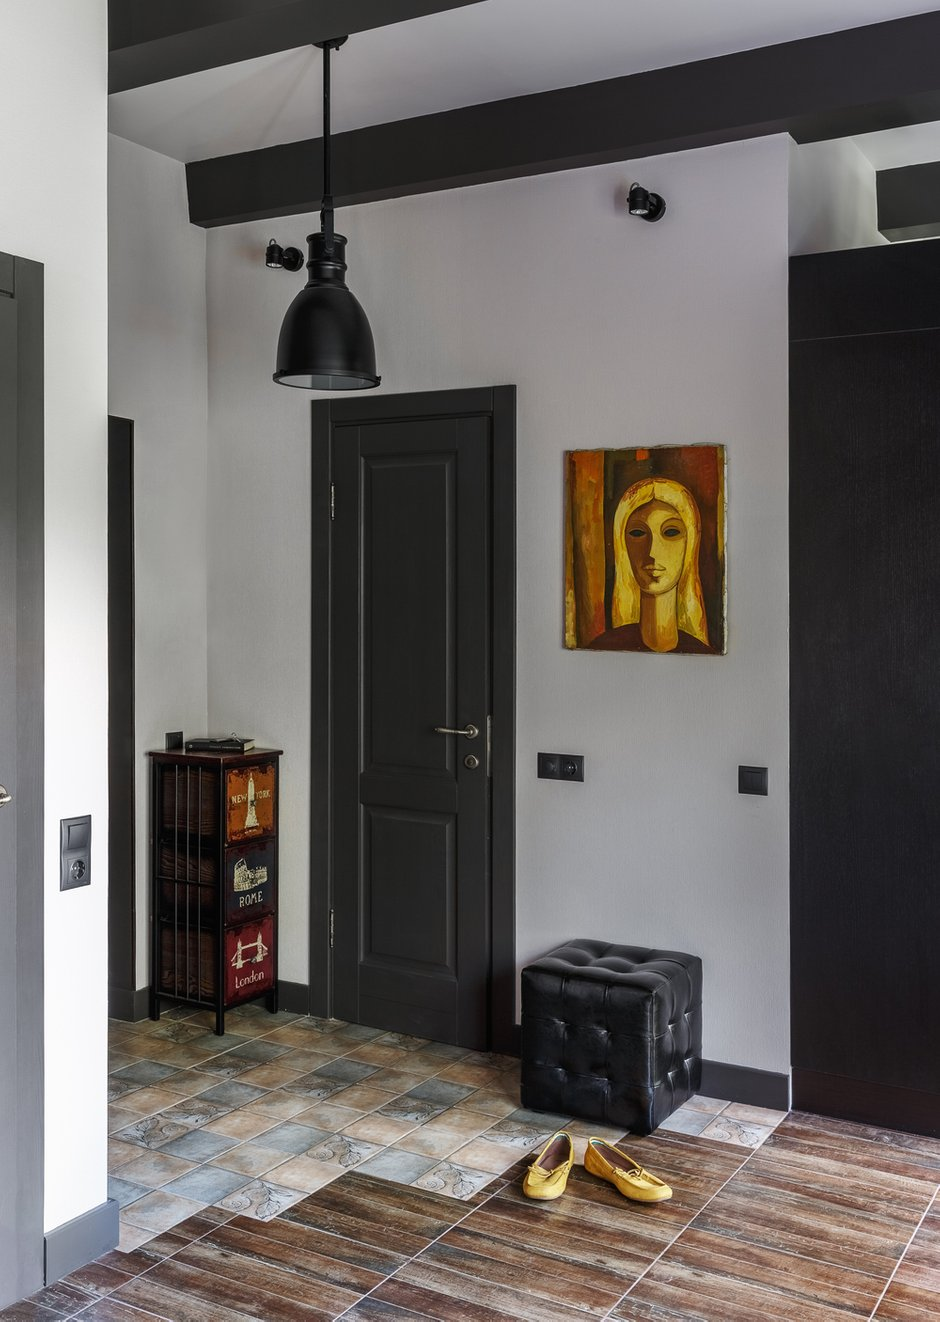 Фотография: Прихожая в стиле Лофт, Малогабаритная квартира, Квартира, Студия, Проект недели, Москва, Марина Саркисян, Кирпичный дом, до 40 метров – фото на INMYROOM